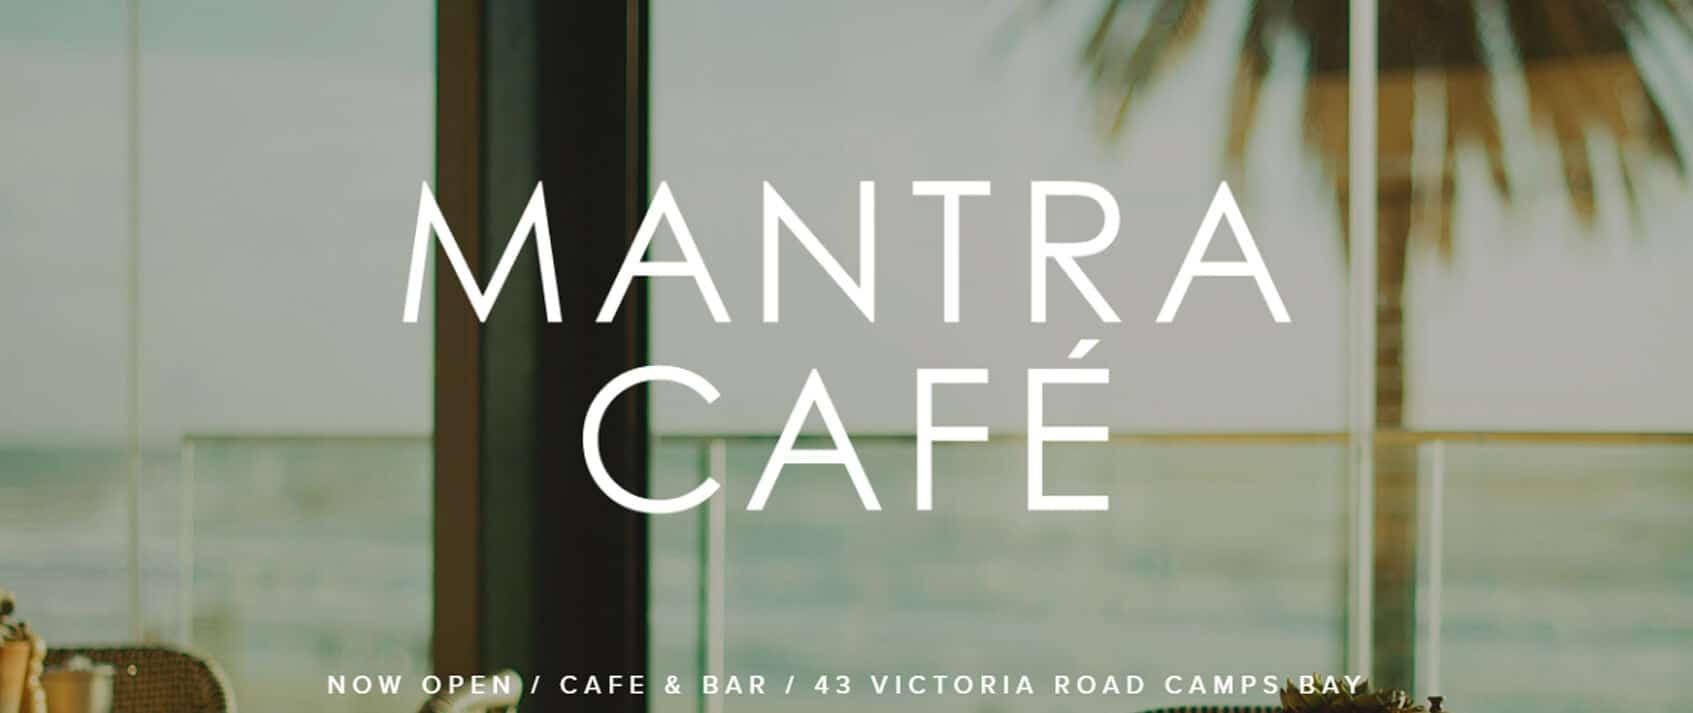 Mantra Cafe